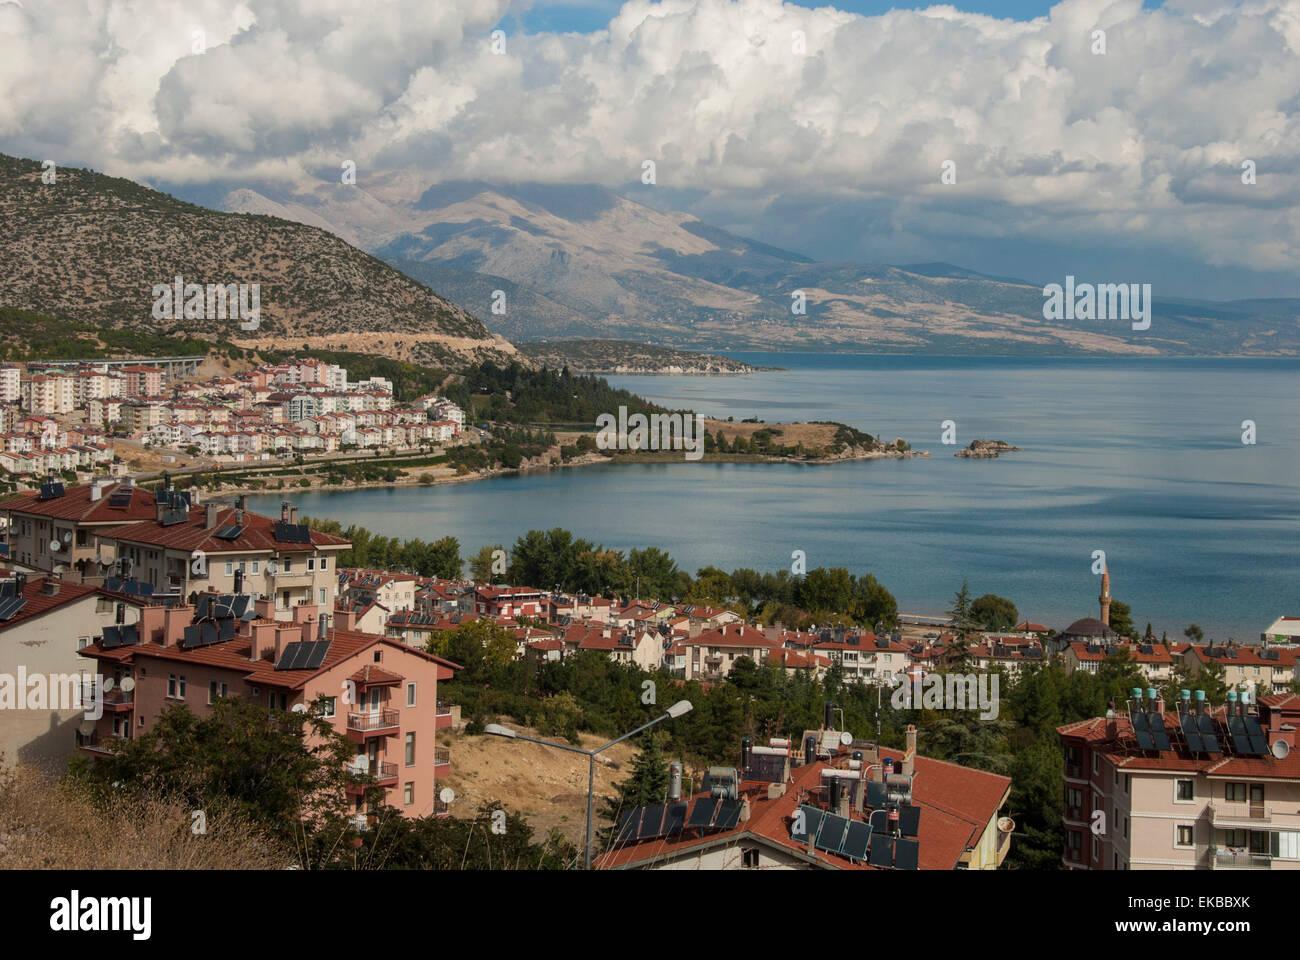 Egirdir See, Isparta, westliche Türkei, Anatolien, Türkei, Kleinasien, Eurasien Stockbild